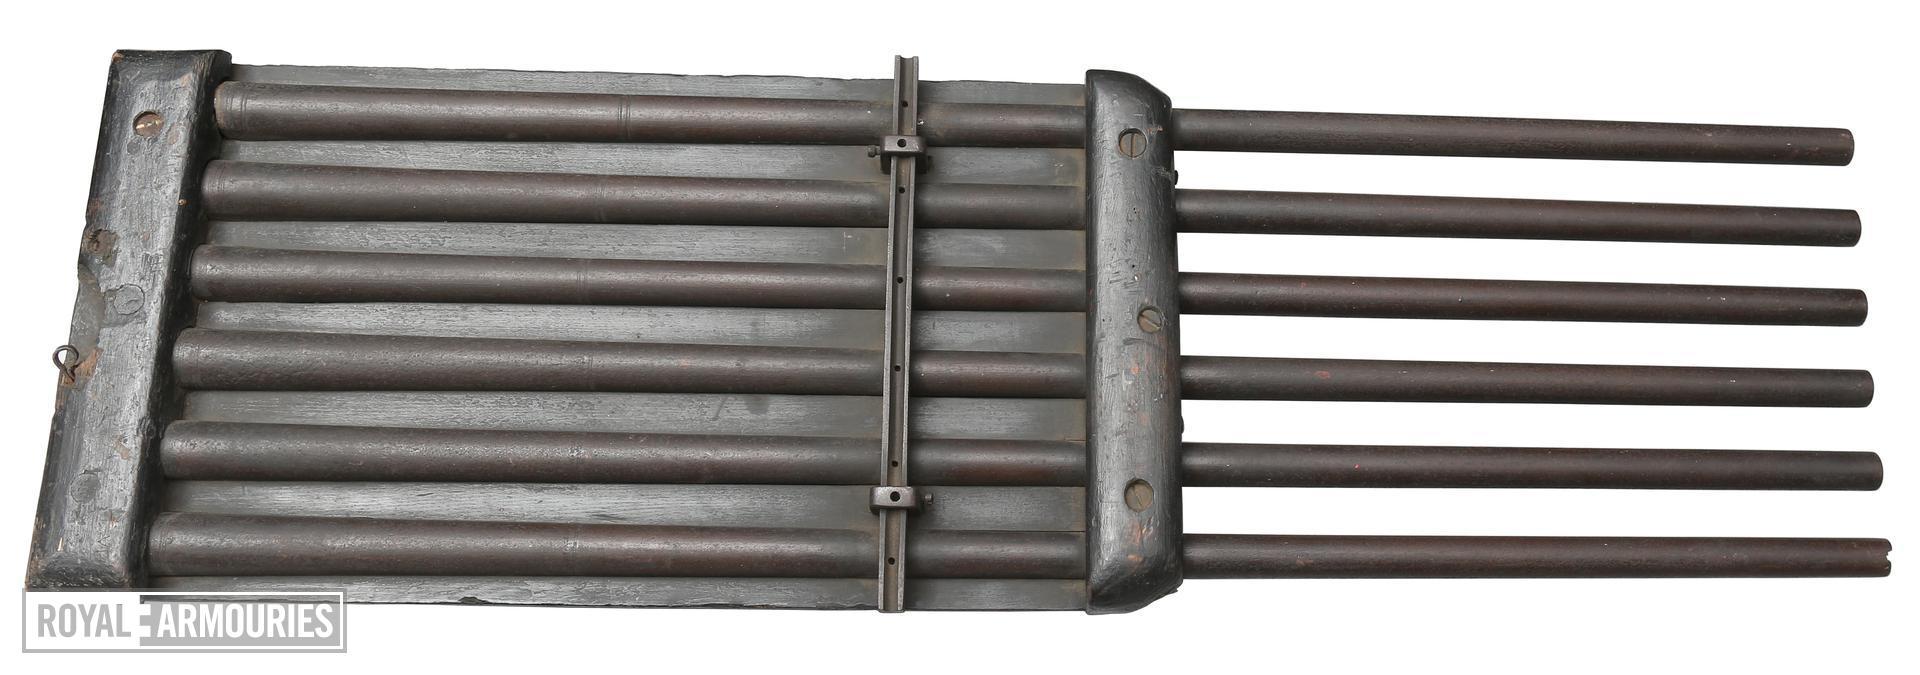 Matchlock organ gun